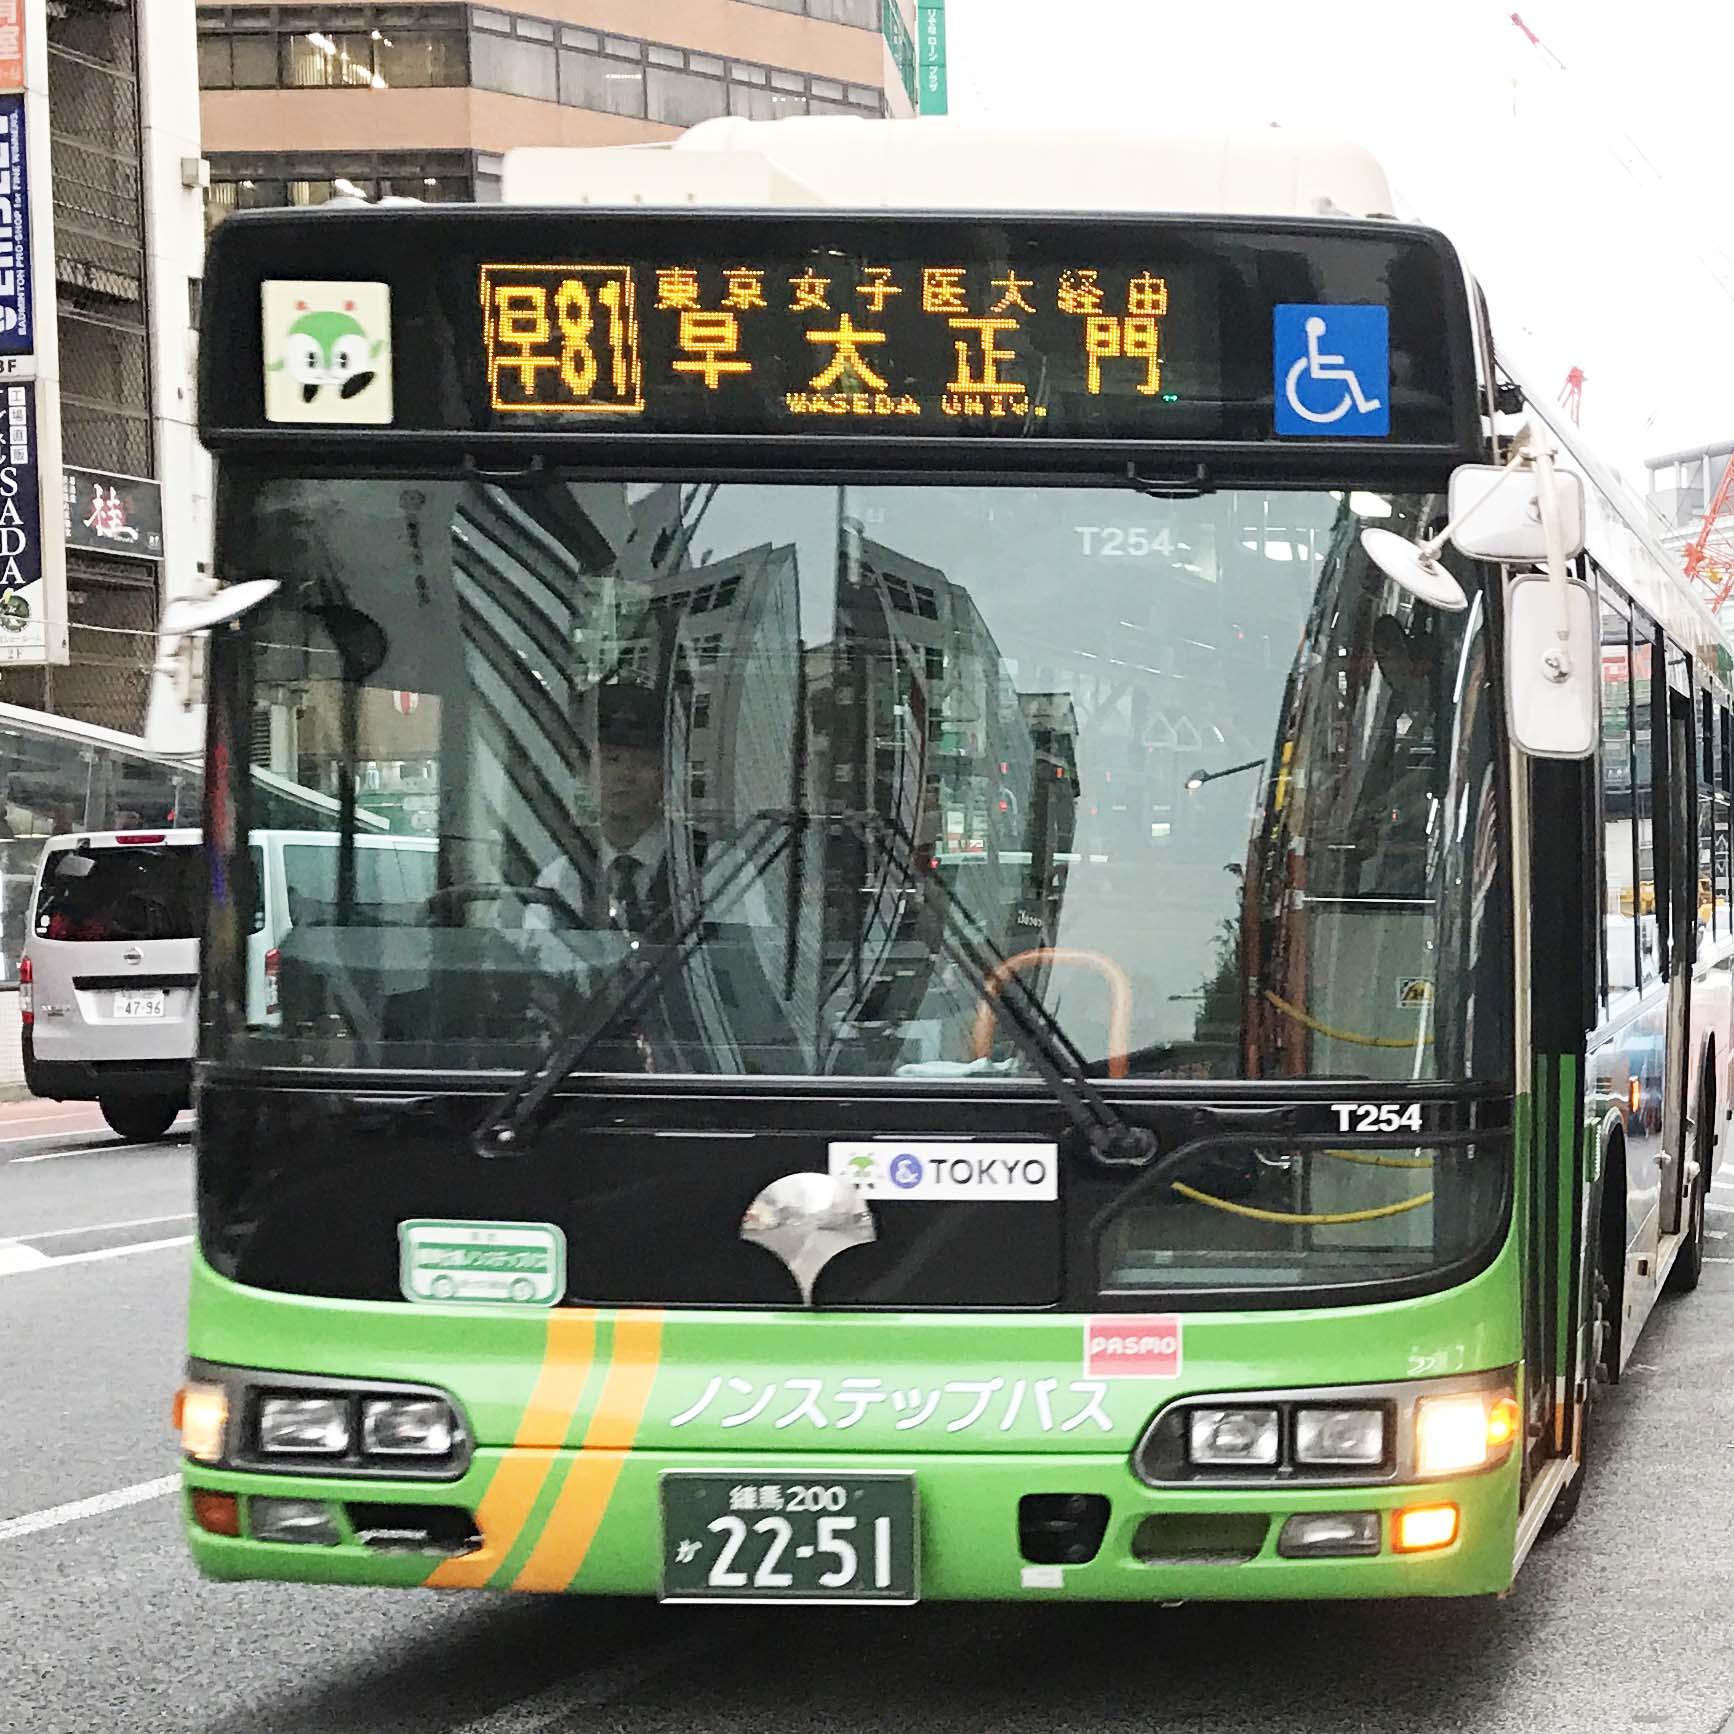 【都営バス】バス一本で渋谷から東京体育館までへの行き方